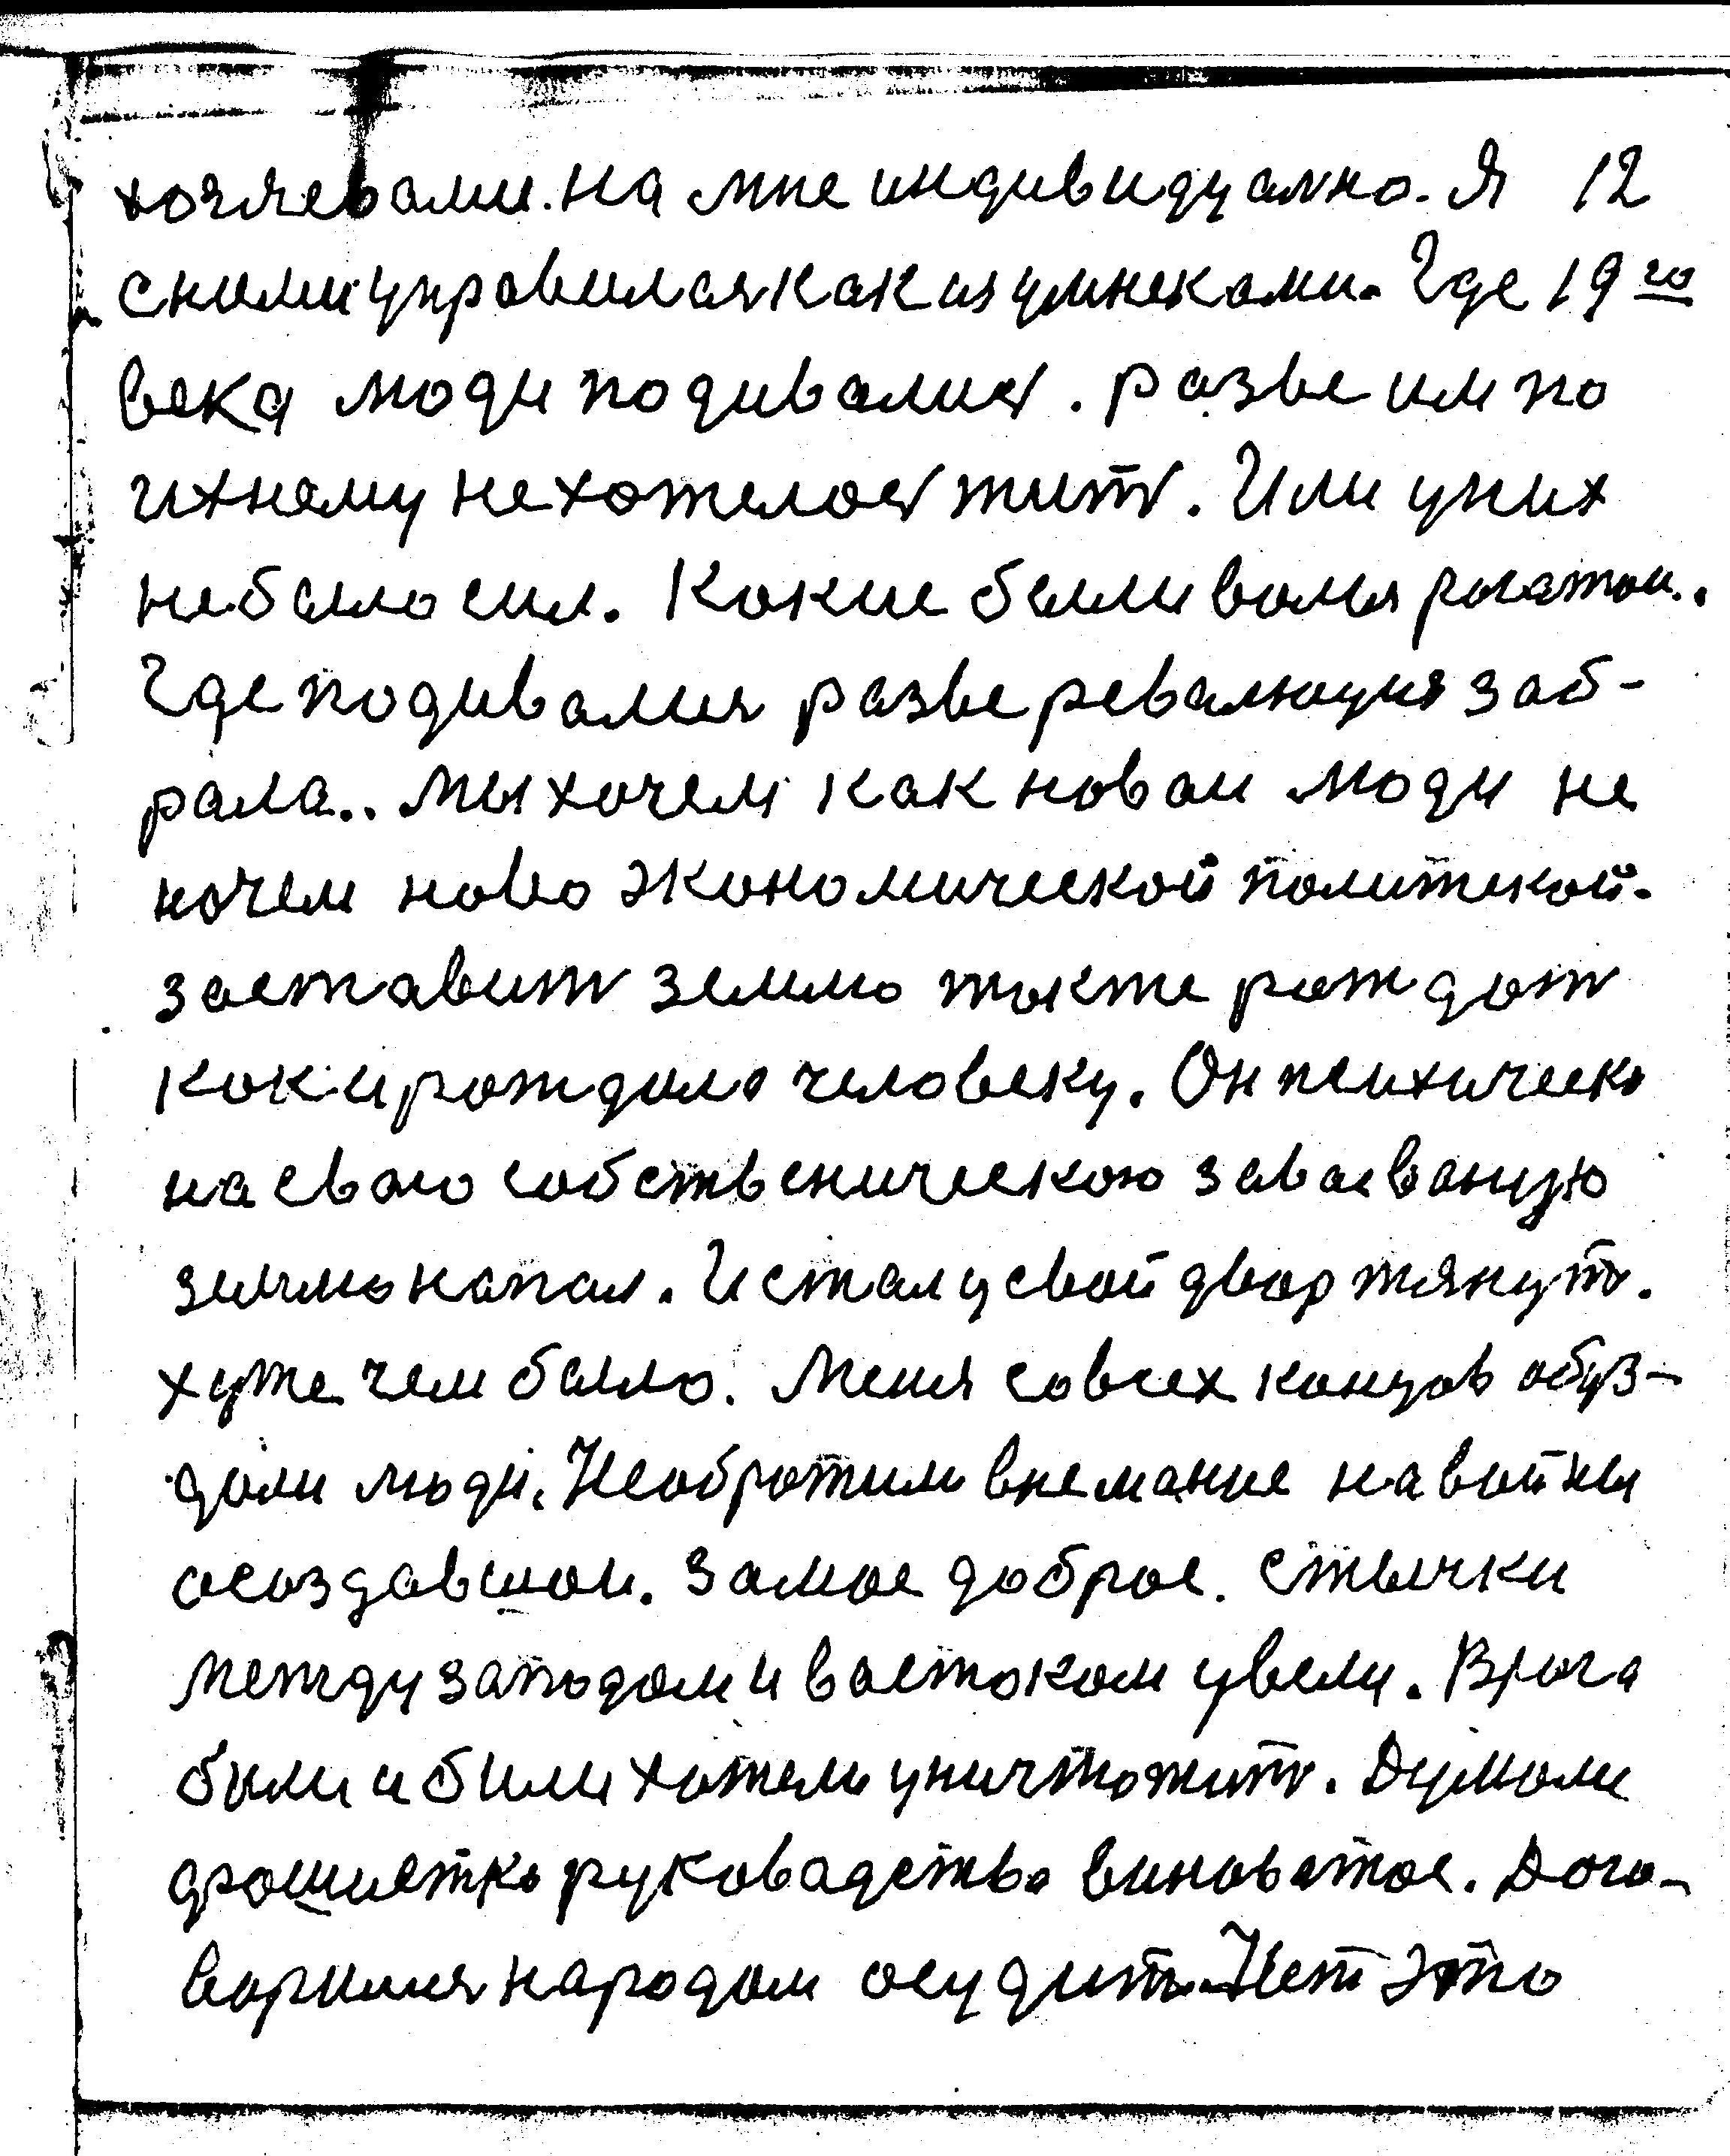 12-183.jpg